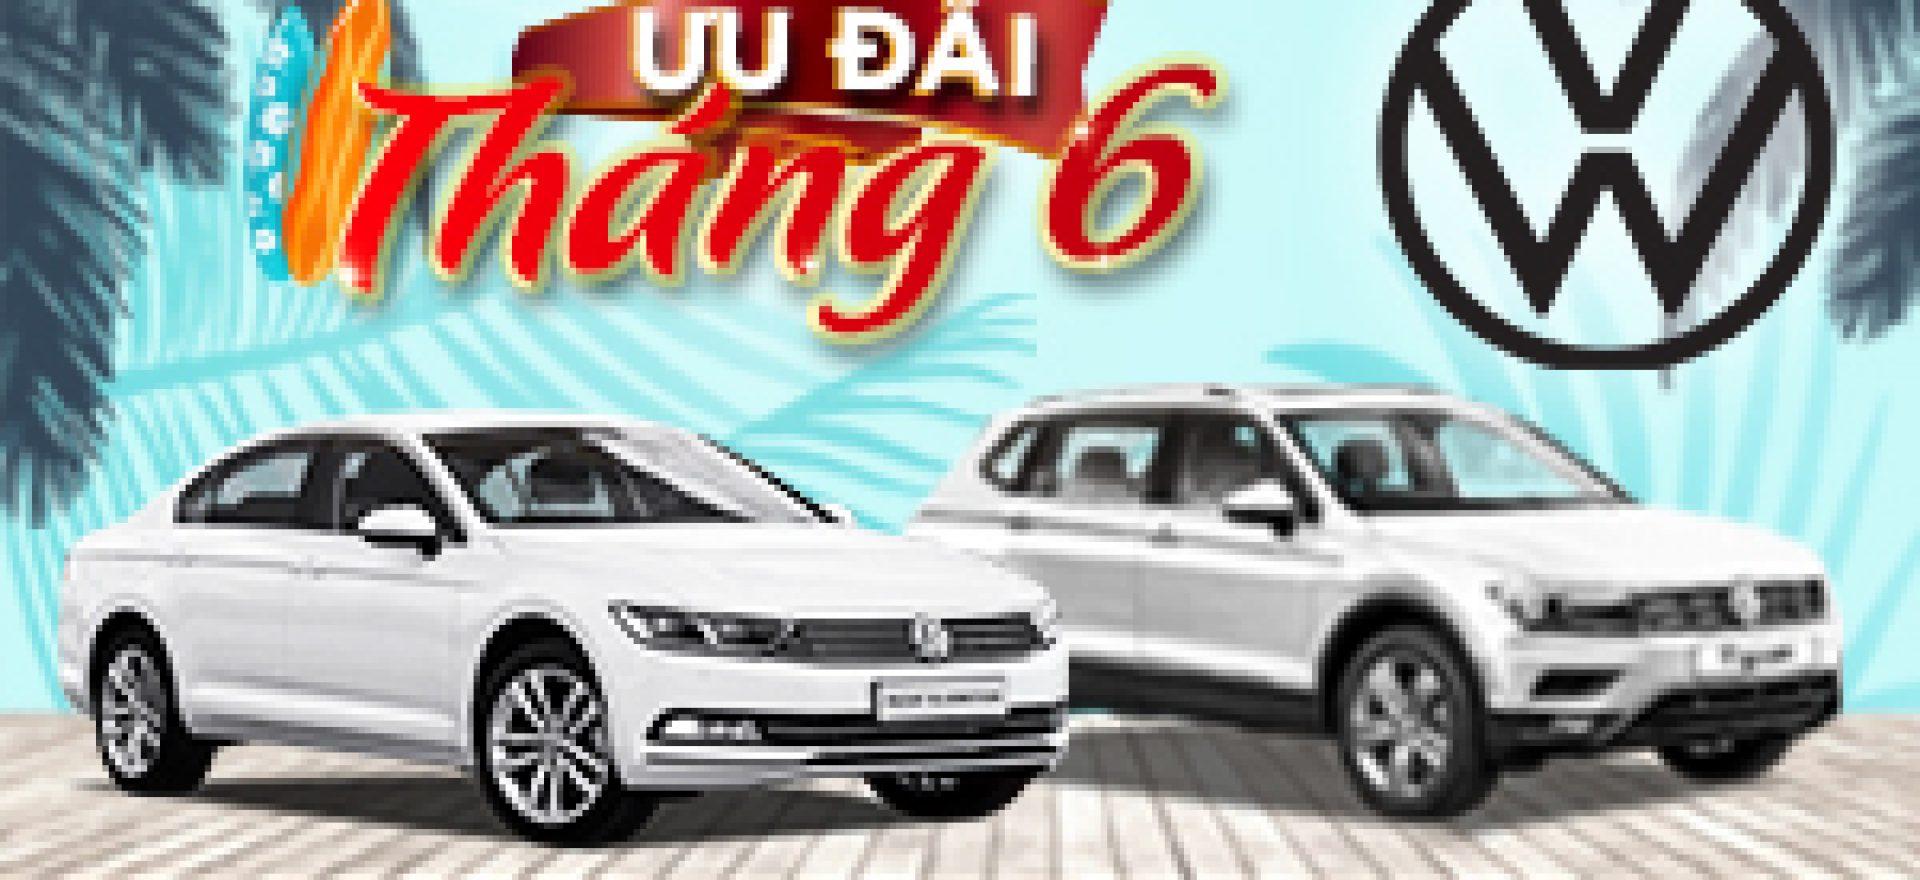 thang-6-uu-dai-gia-len-den-200-trieu-cho-xe-volkswagen-avatar